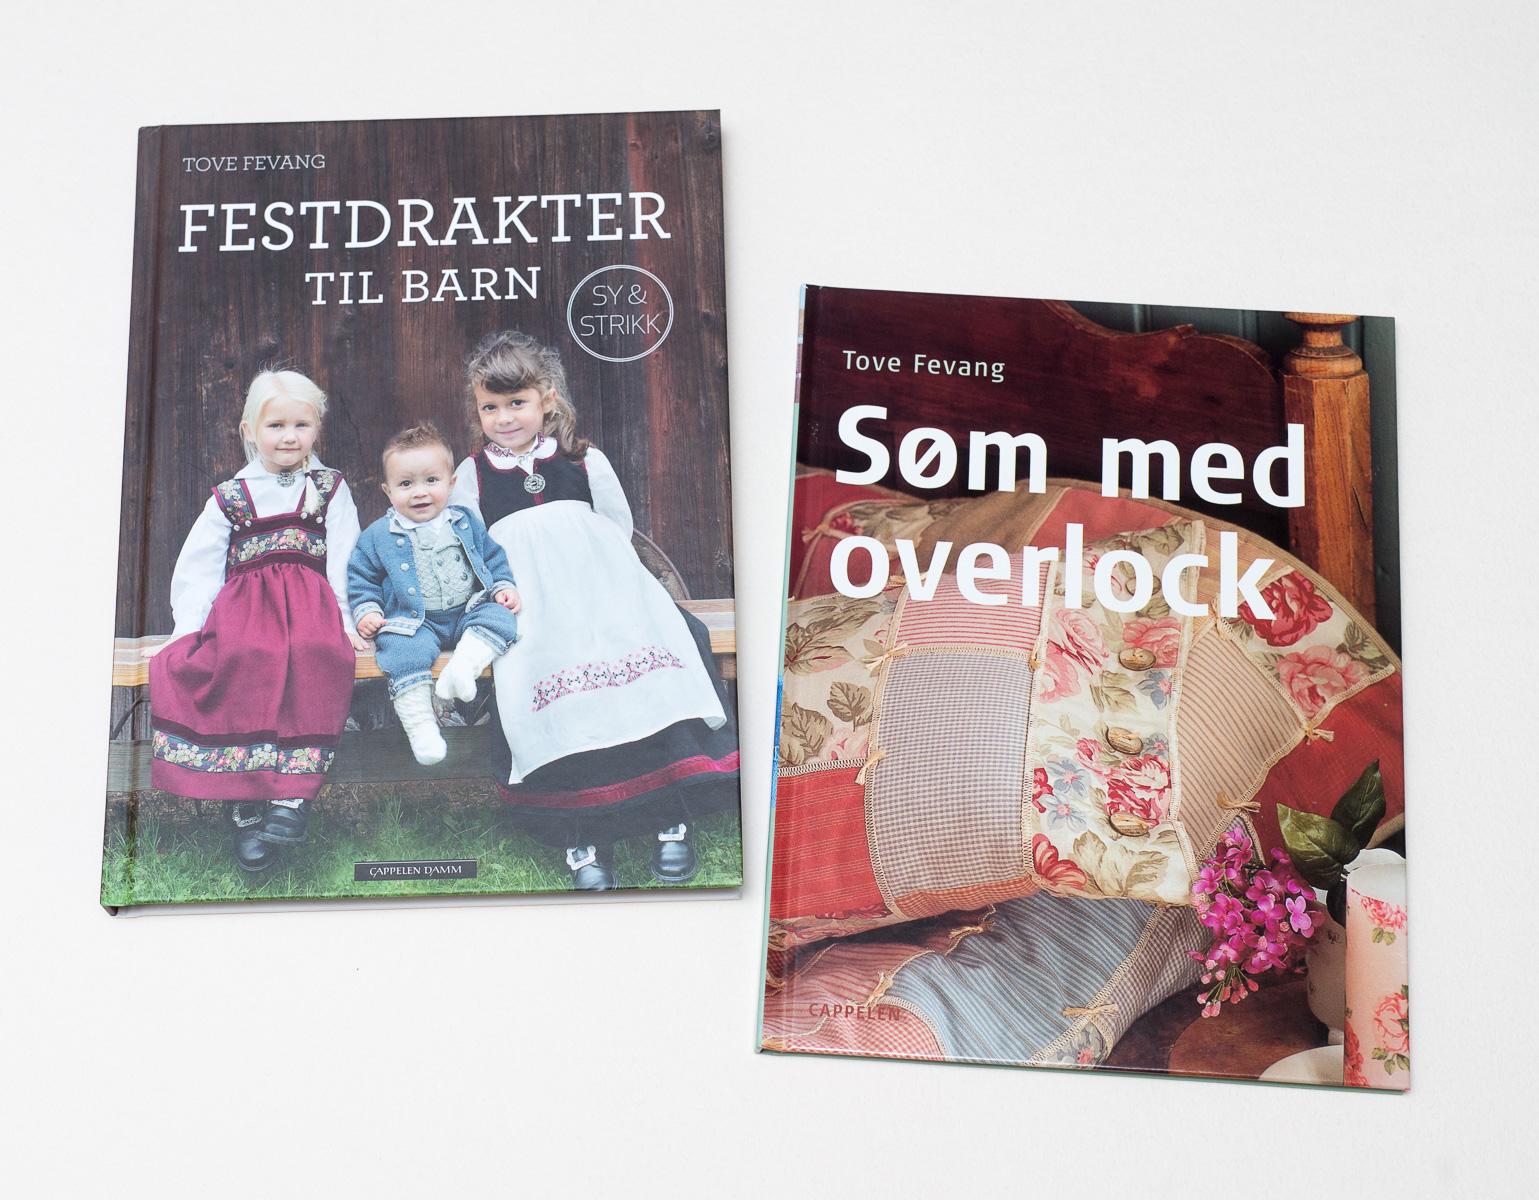 Førjulens boktilbud «Festdrakter til barn» og «Søm med overlock»